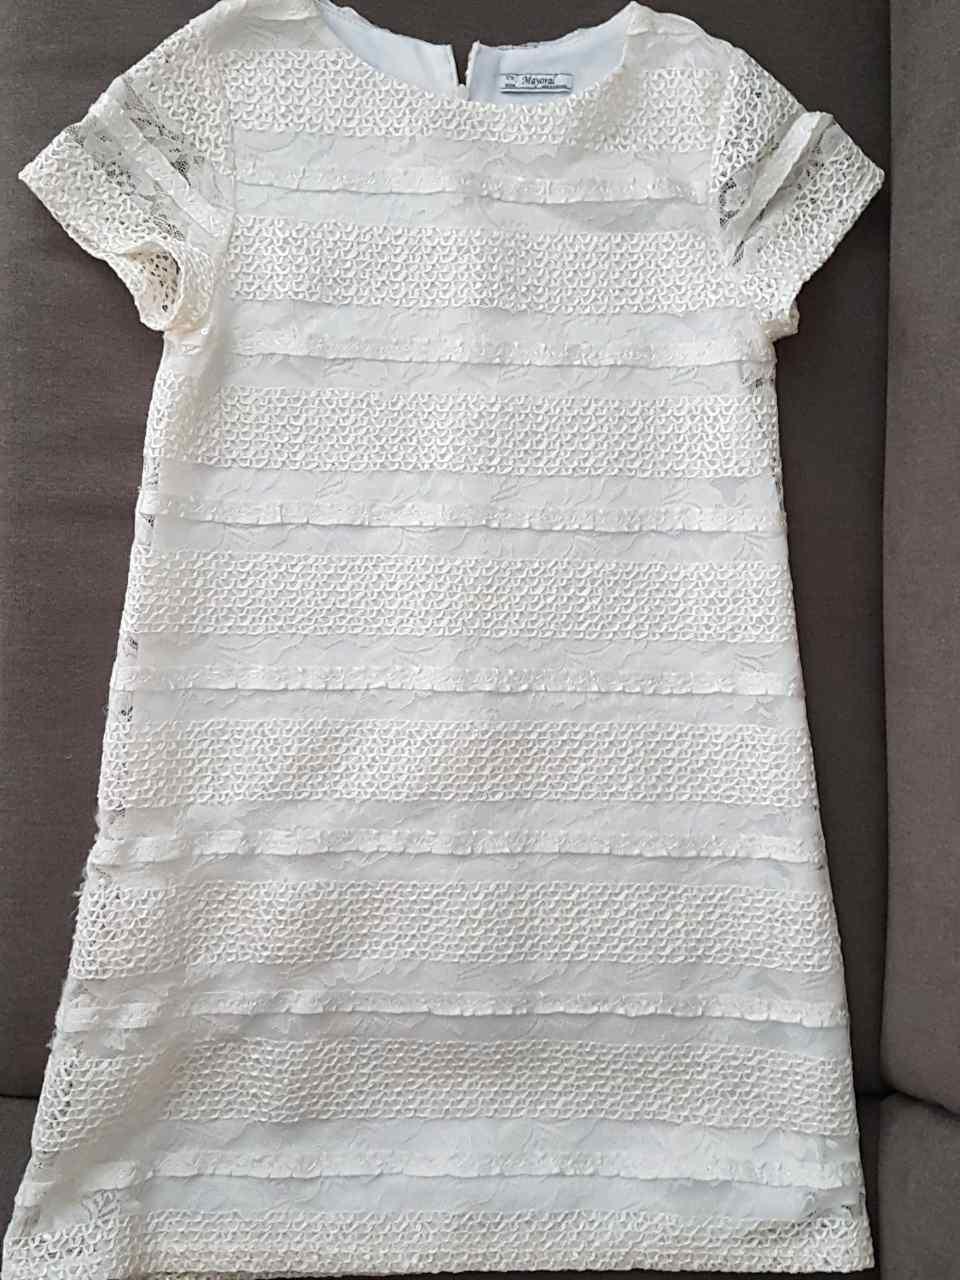 3fde338abcc5 Dievčenské šaty mayoral